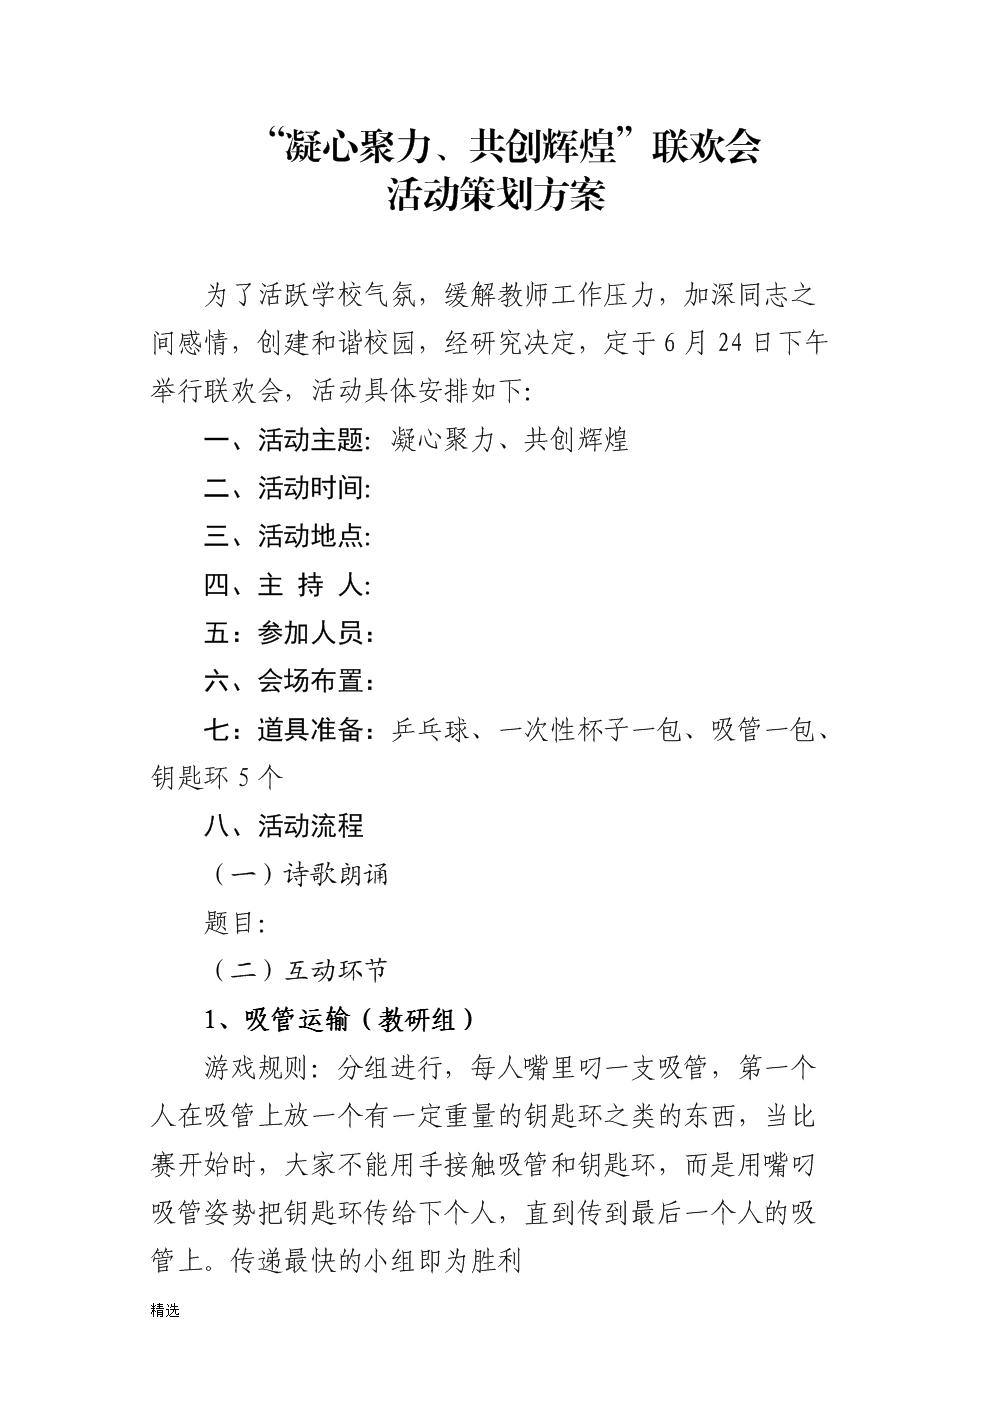 游戏活动方案【创意版】.doc